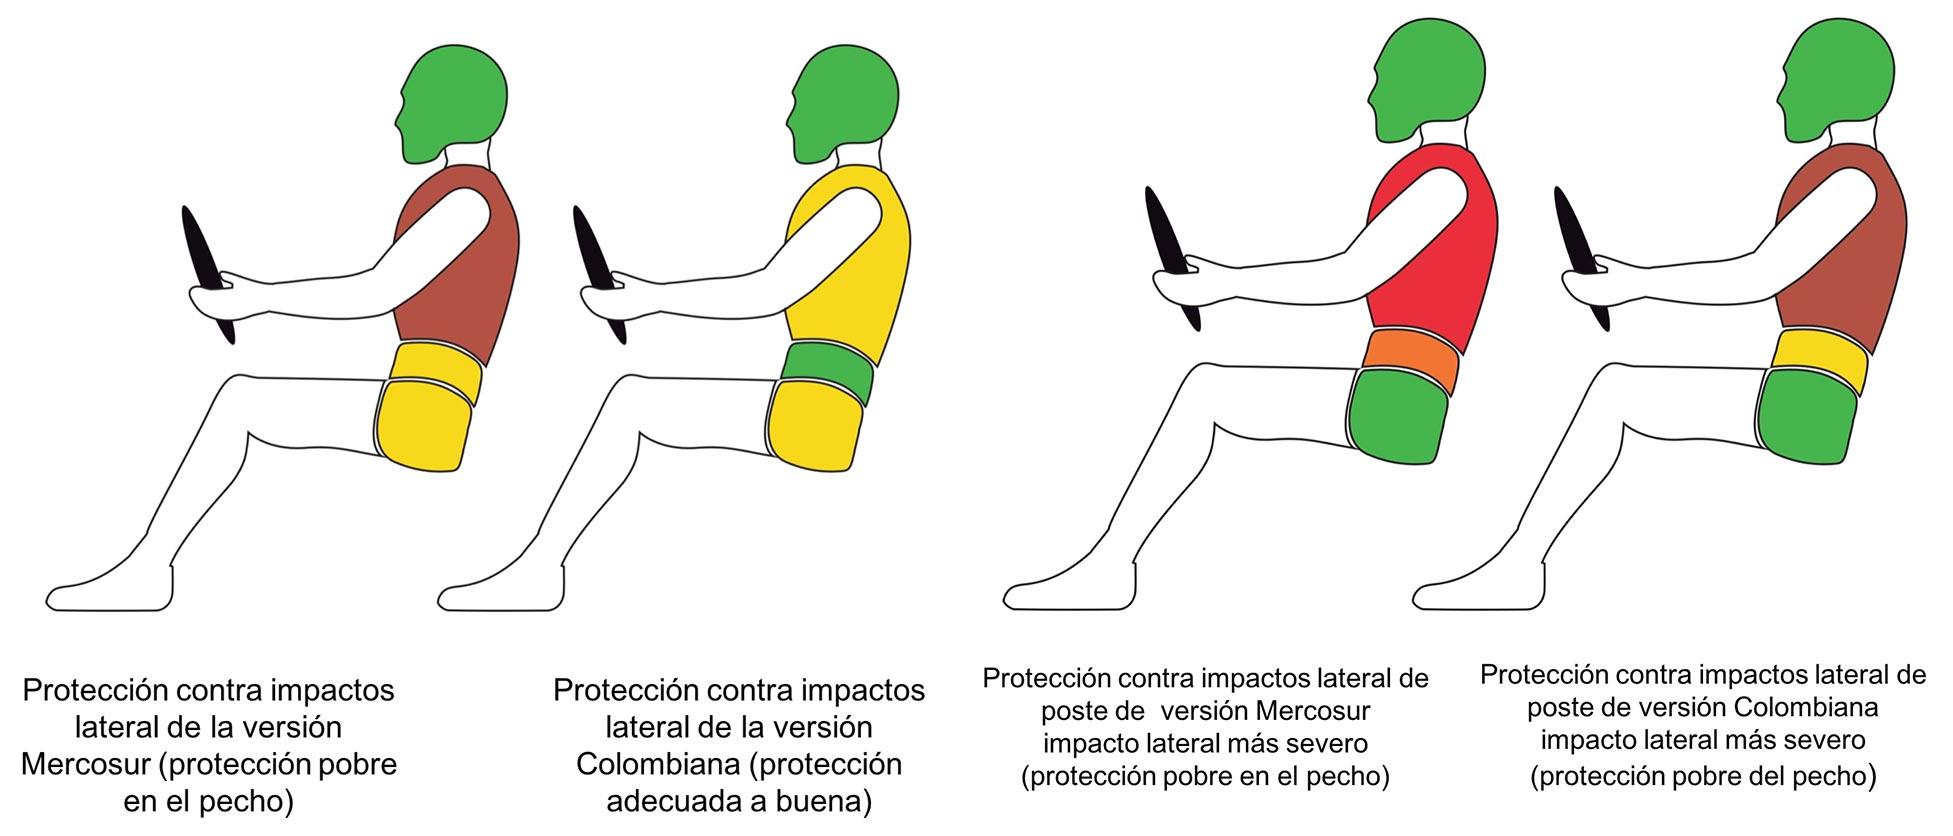 Renault Sandero Mercosur diferencias protección Mercosur Colombia